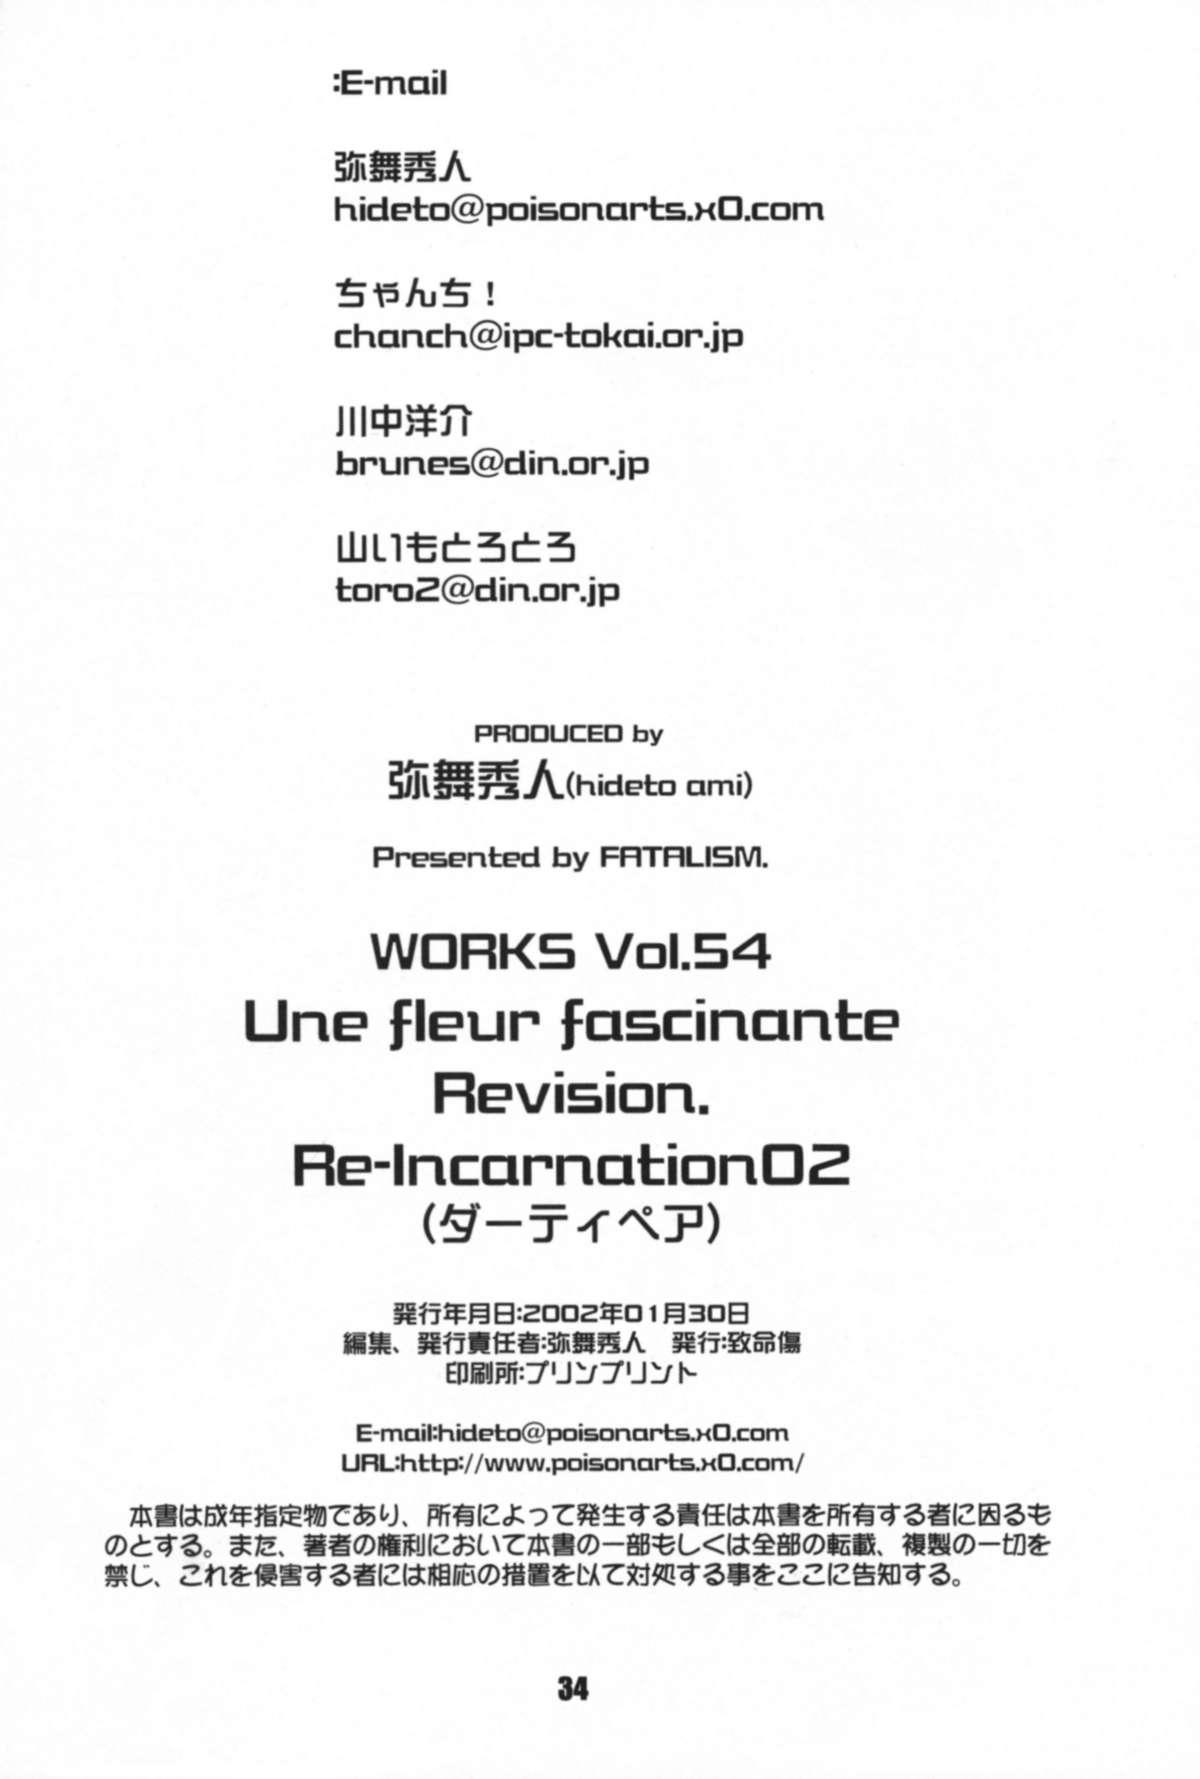 WORKS Vol.54 Une fleur fascinante. Revision. 33